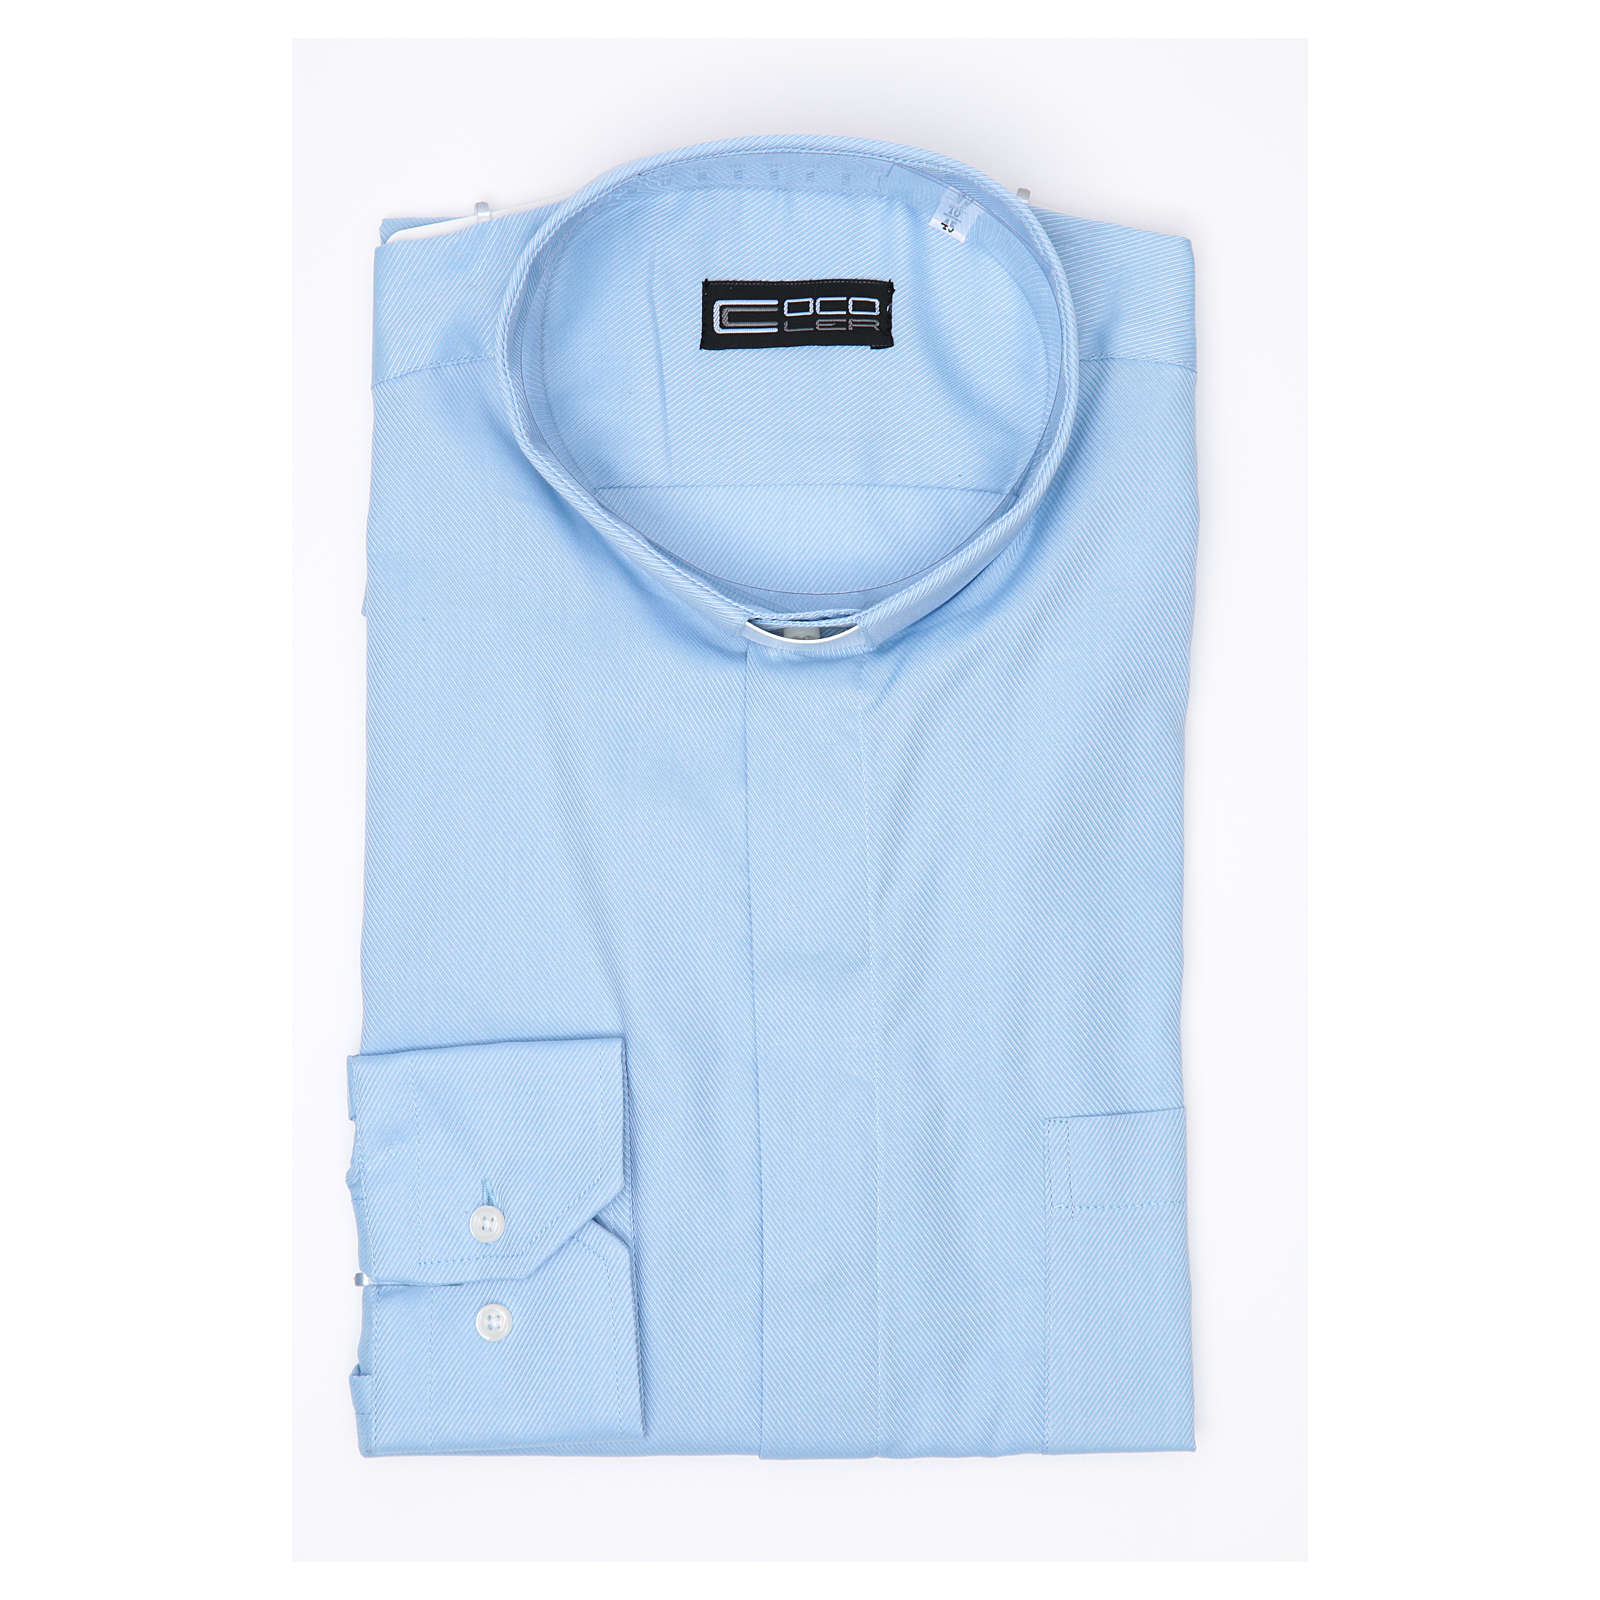 Chemise clergy m. longues Repassage facile Diagonale Mixte coton Bleu clair 4